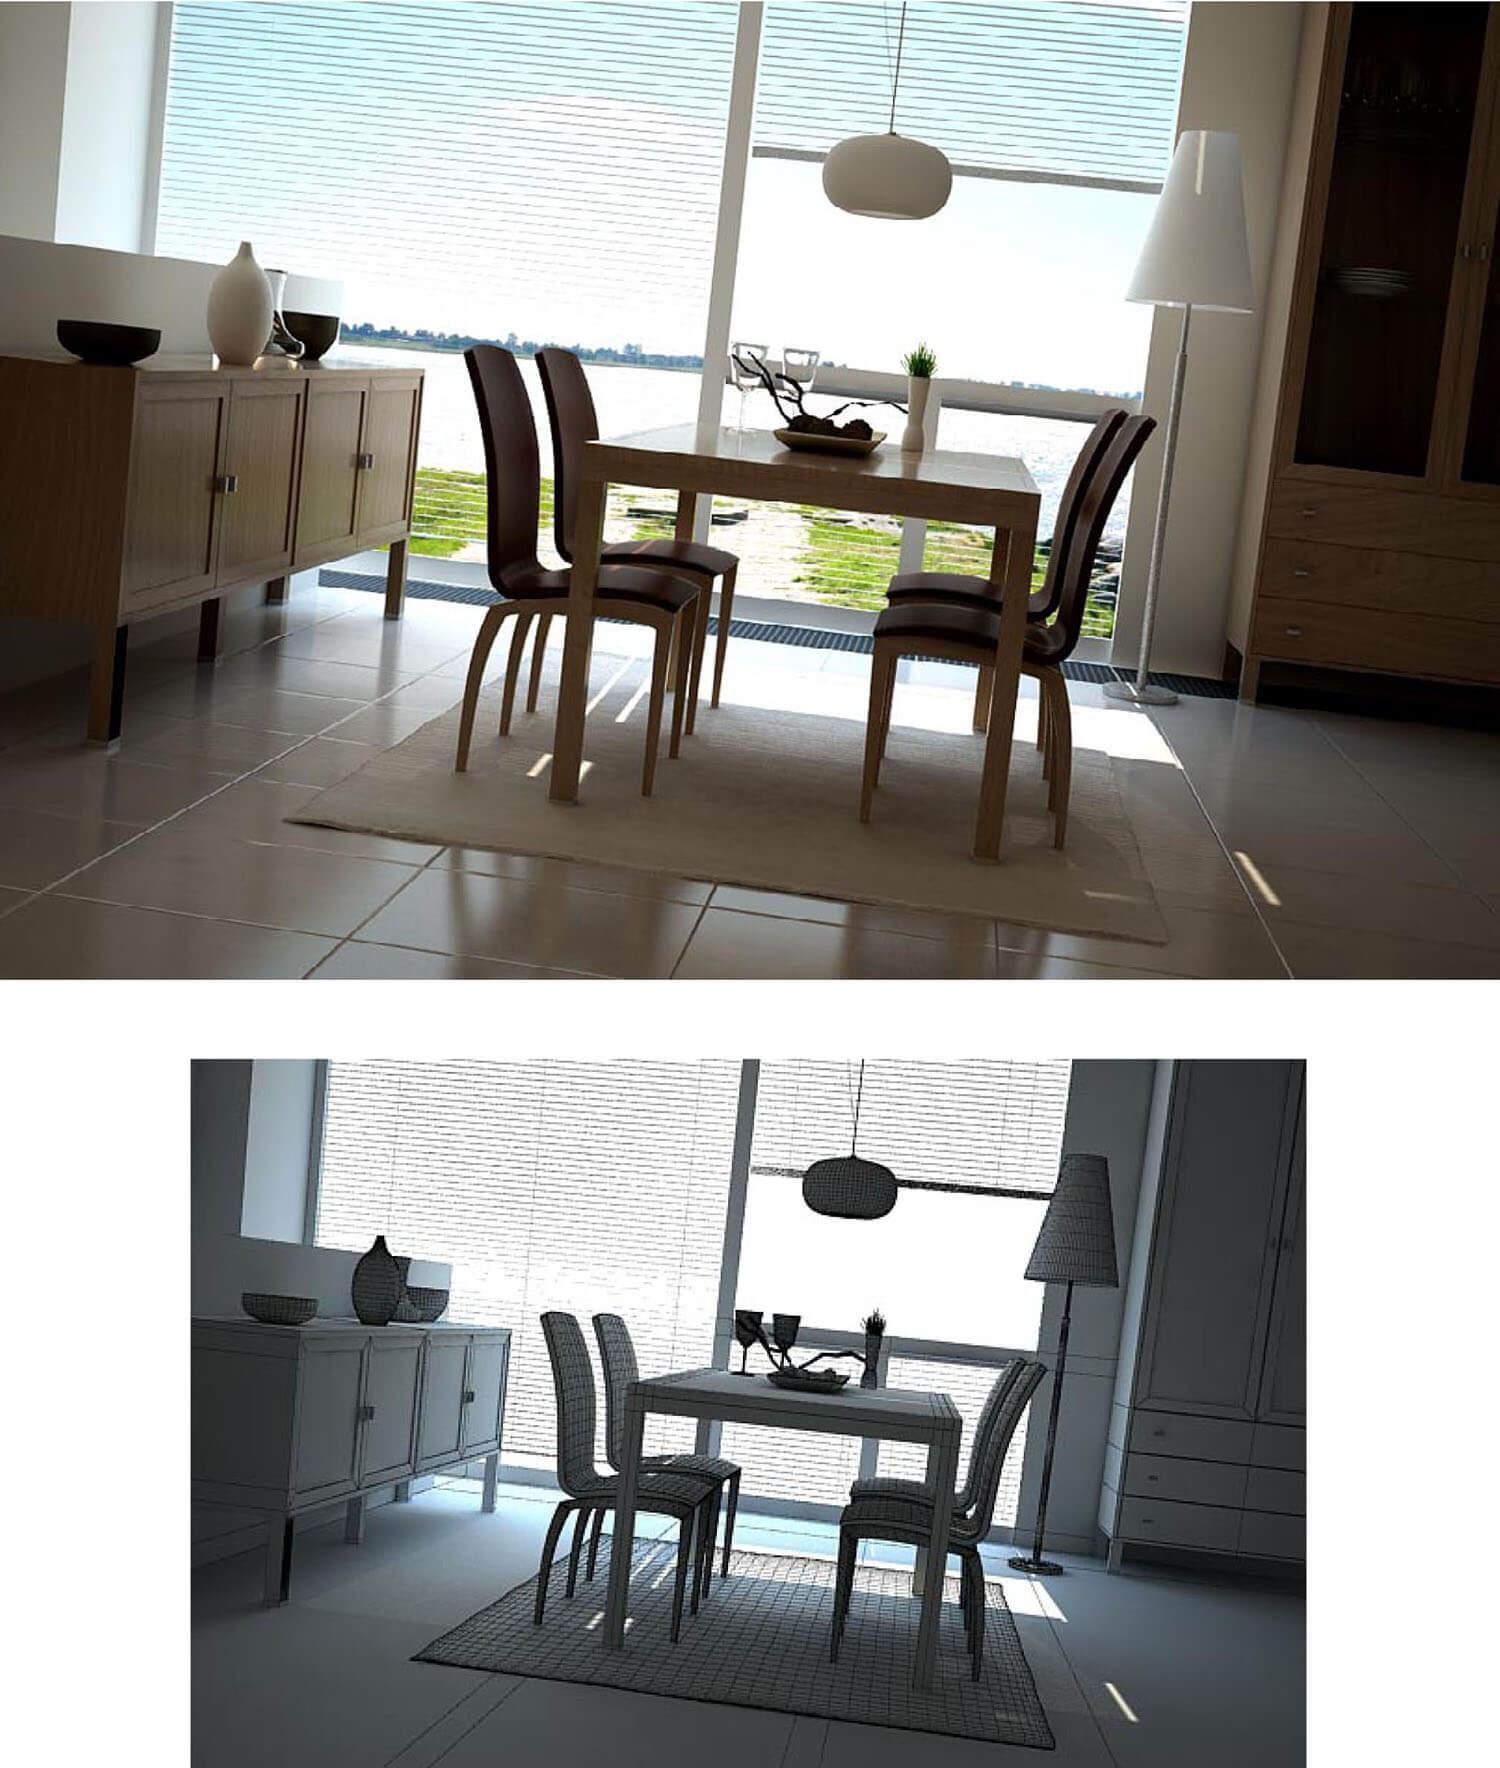 Phòng ăn trở nên sống động hơn với tấm kính lớn